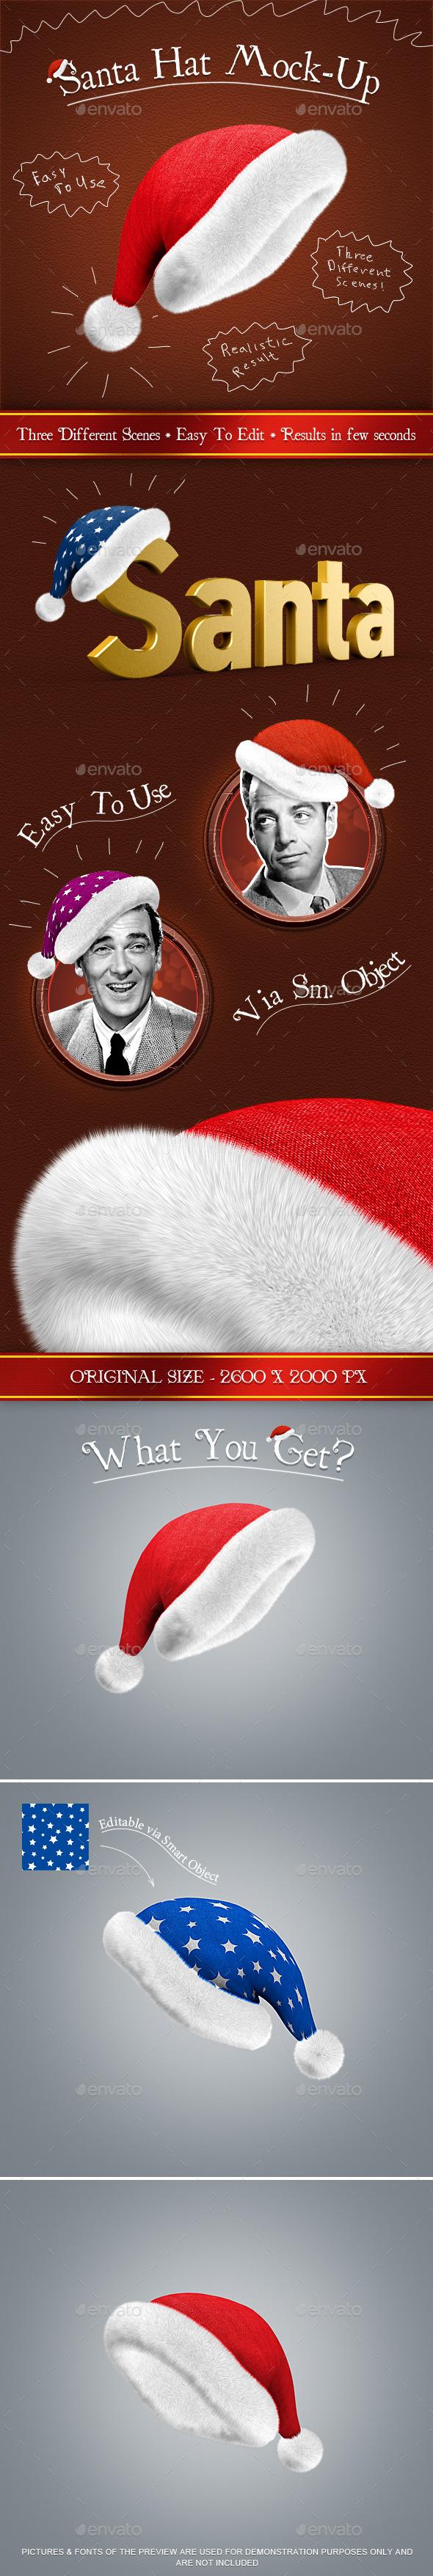 GraphicRiver Santa Hat Mock-Up 9601292